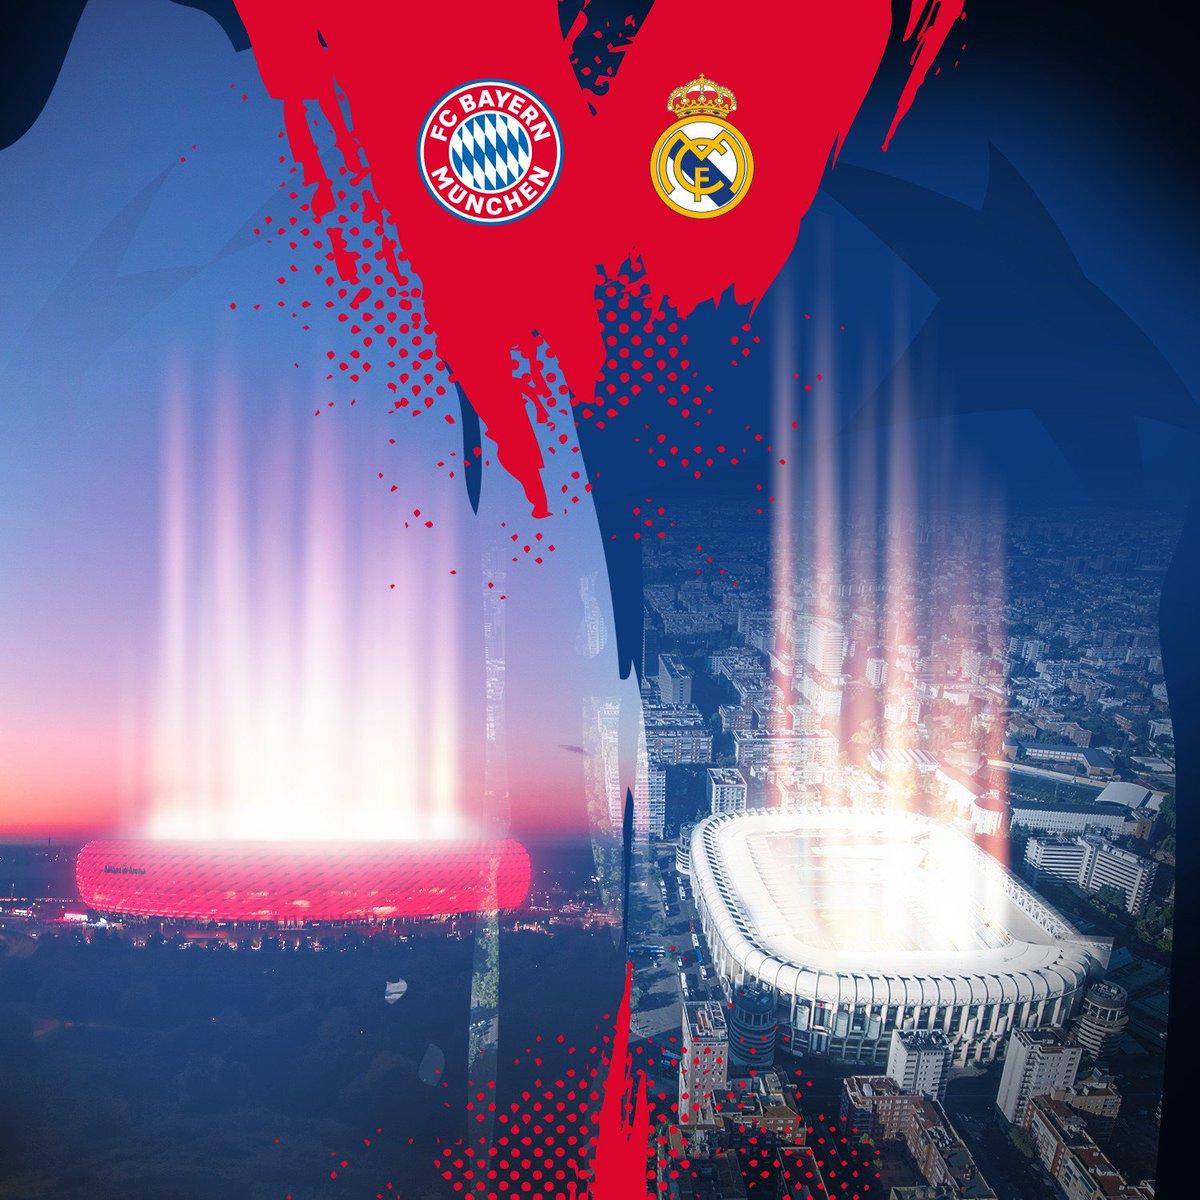 🏟 Hinspiel in der #AllianzArena ✈ Rückspiel im Estadio Santiago Bernabéu  #PACKMAS #FCBRMA #RMAFCB @ChampionsLeague